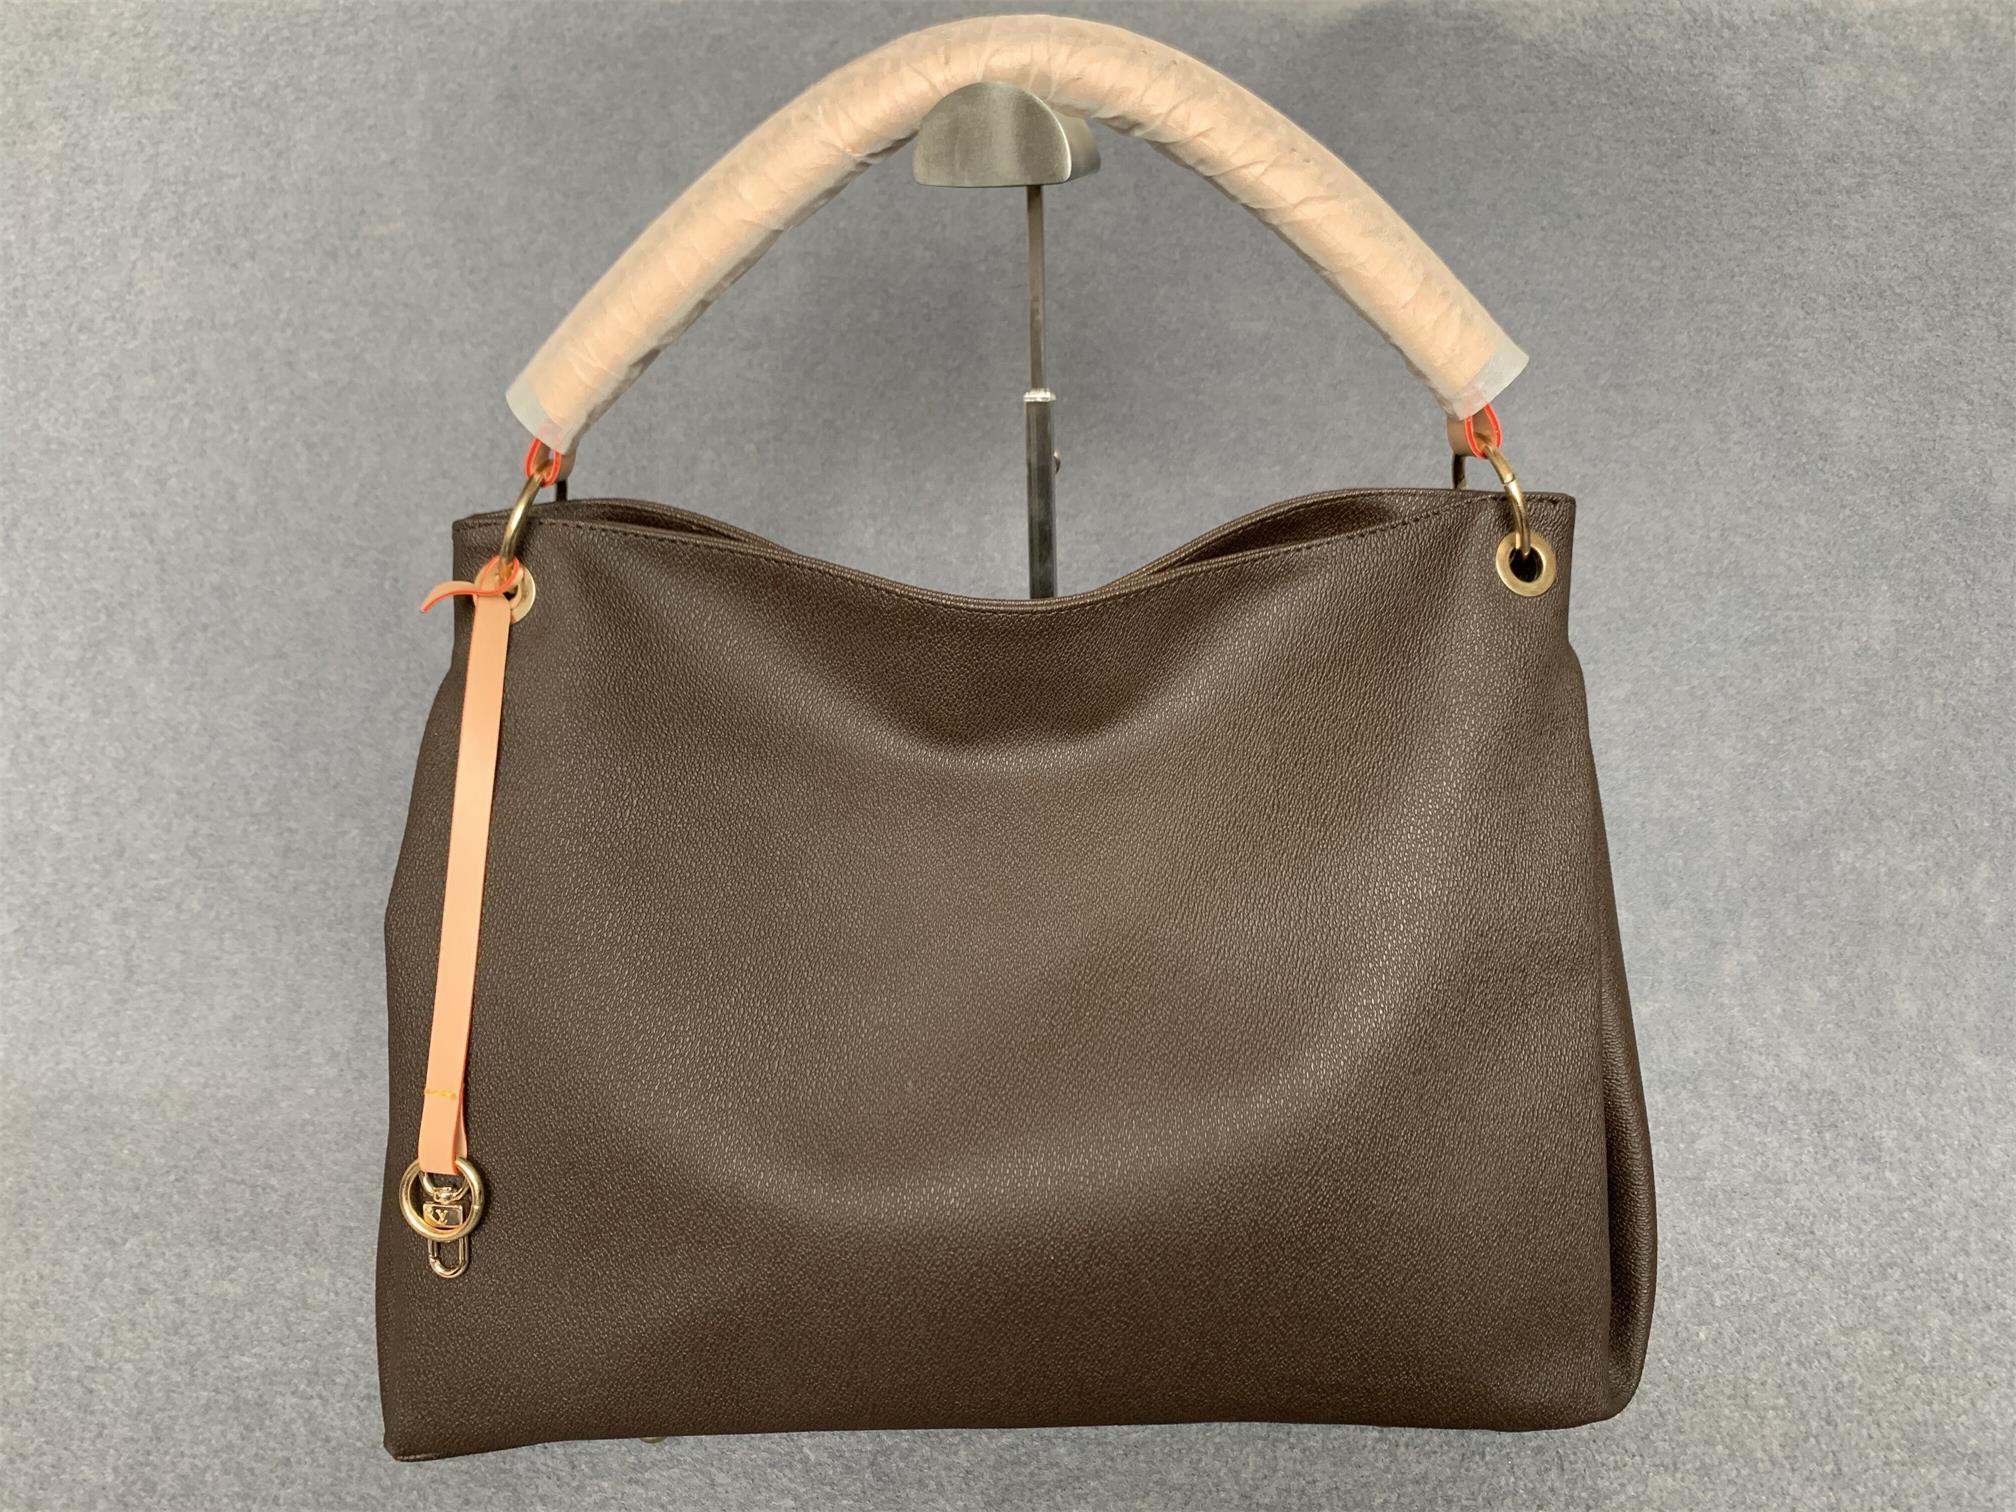 2021 الساخن مبيعات المرأة prush النساء المصممين مصممي أكياس سيدة الجلود artsy حقيبة حمل حقائب crossbody محفظة على سلسلة أكياس الكتف